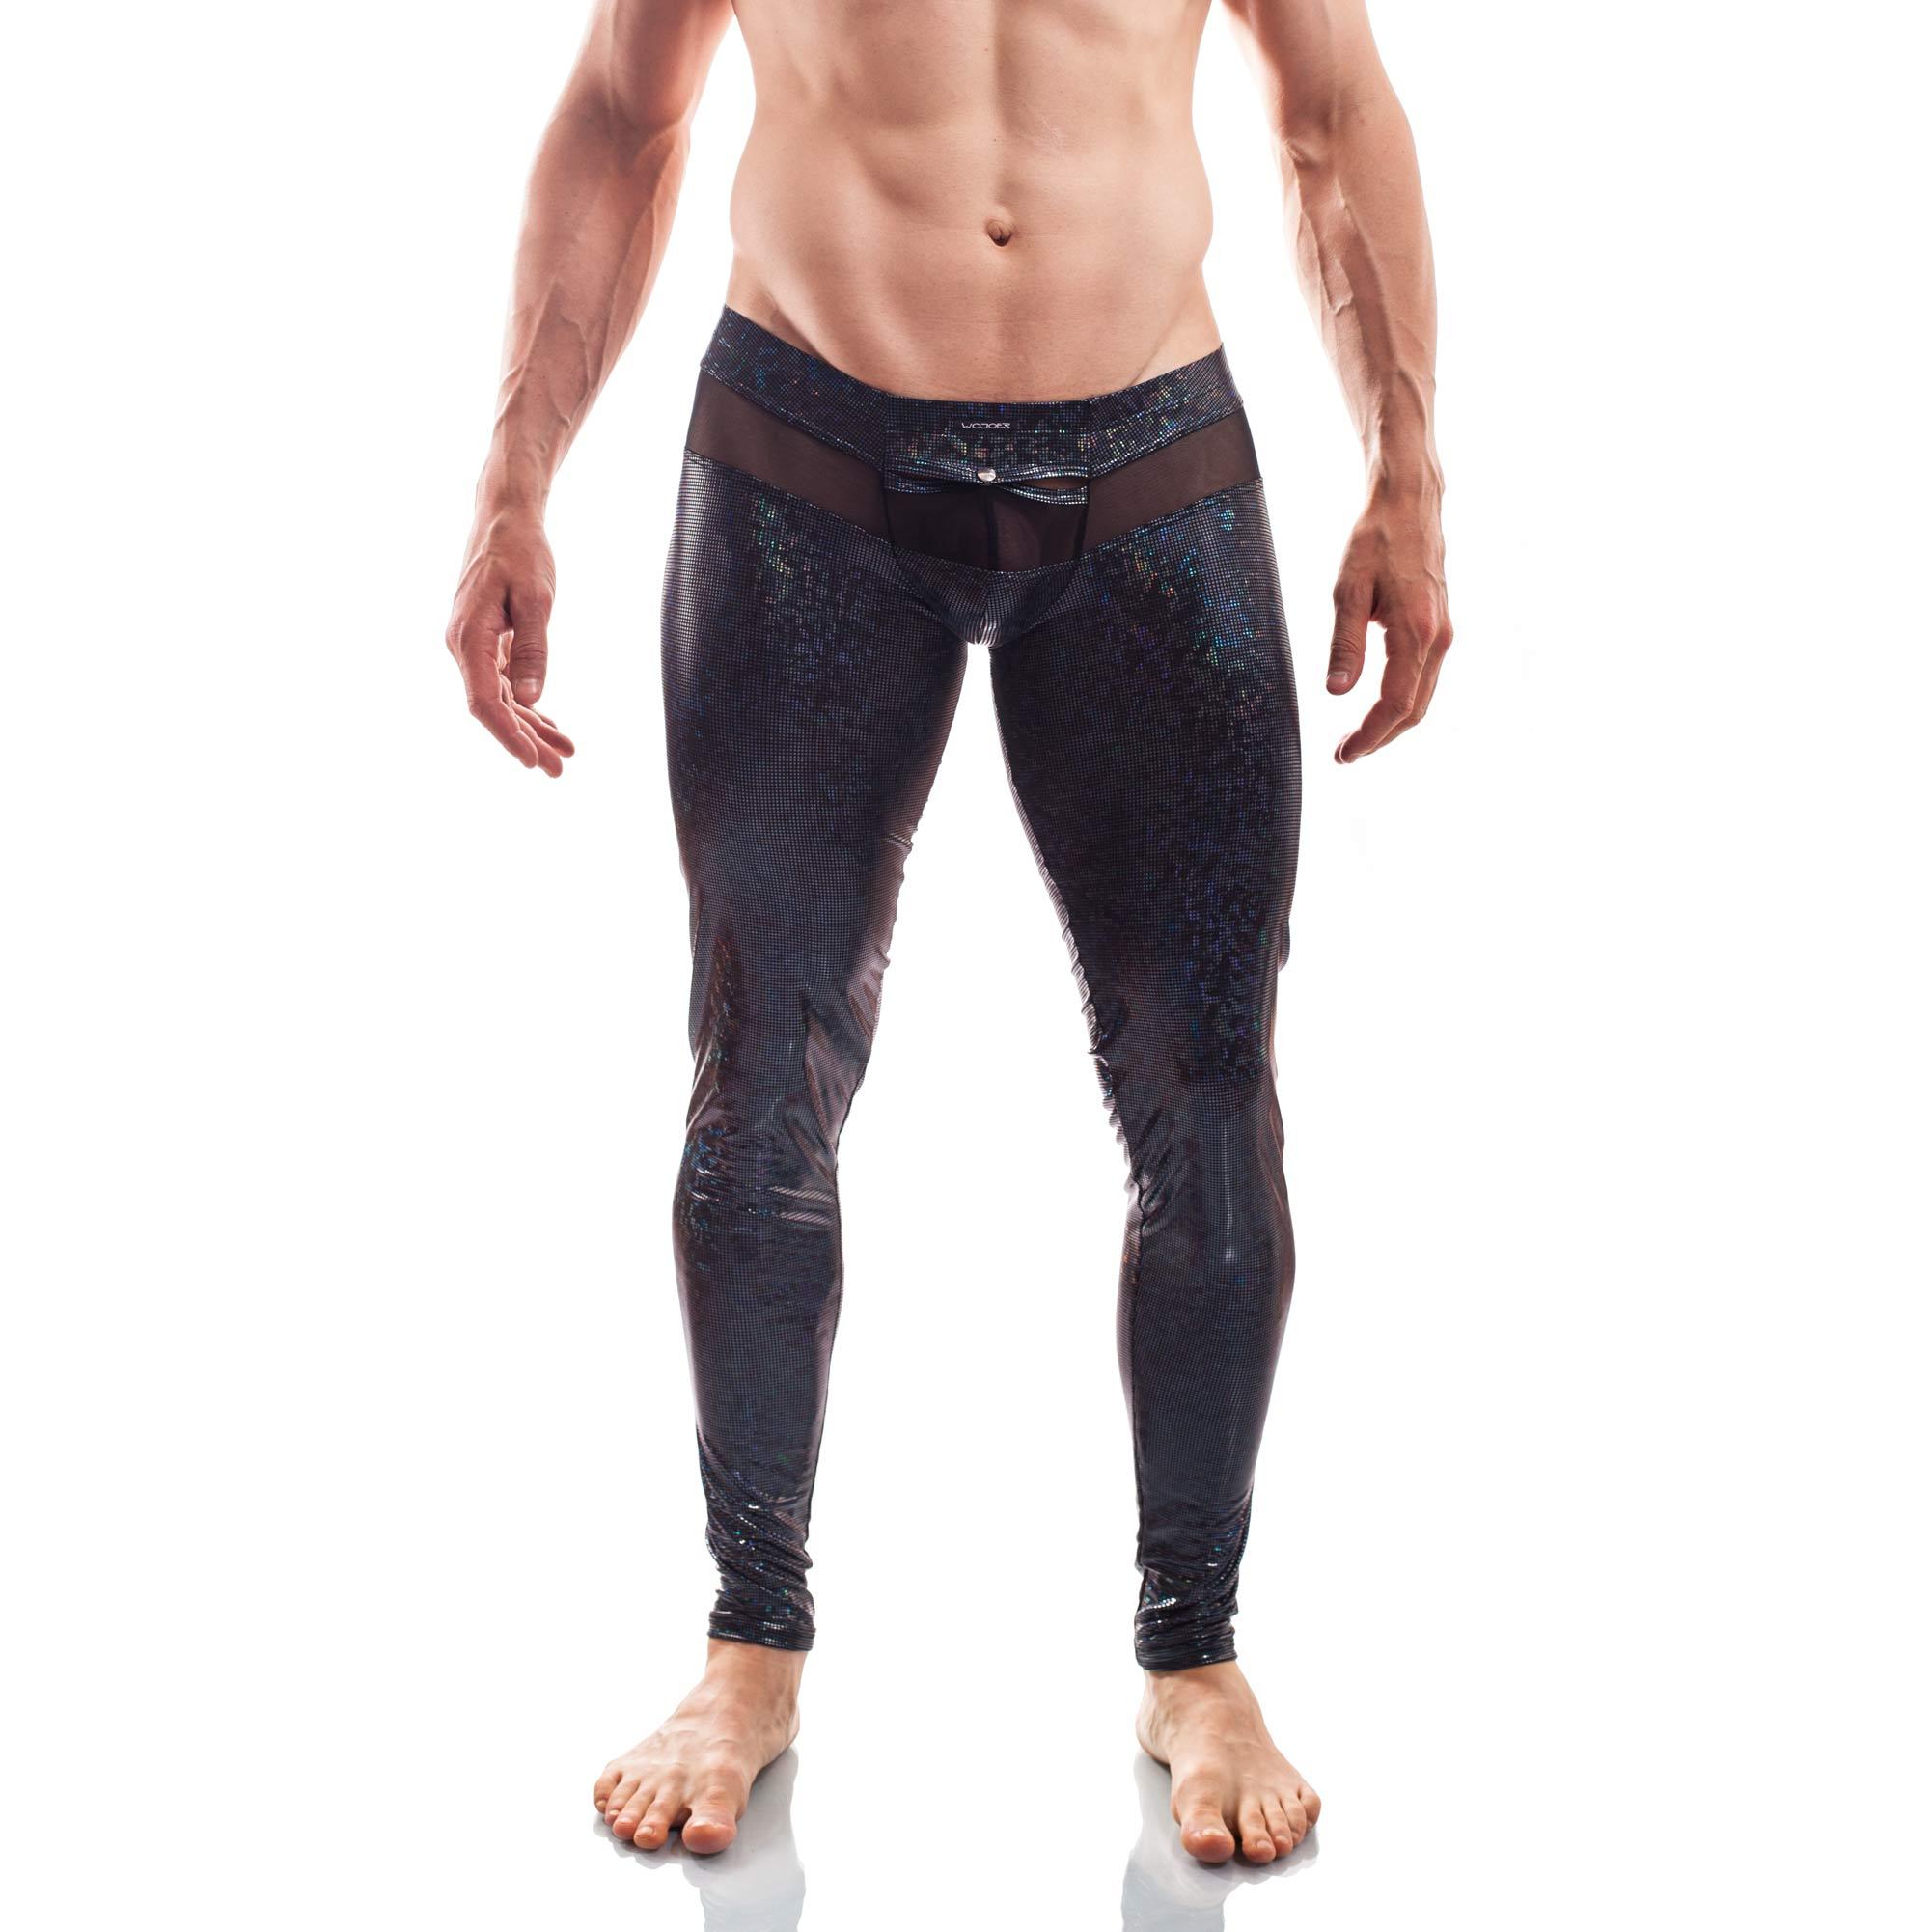 Dieser Black Jack Leggings 399T269.1 gehört zu den Wojoer LIVE-Produkten. Sie werden ab Bestellung bei uns produziert. So können wir auf Kundenwünsche individuell eingehen. Größen Erhältlich in den Größen S, M, L, XL Materialzusammensetzung 94% Polyester, 6% Elasthan  93% Polyester, 7% Elasthan Besonderheiten LIVE-Produkt | dehnbarer glitzernder…